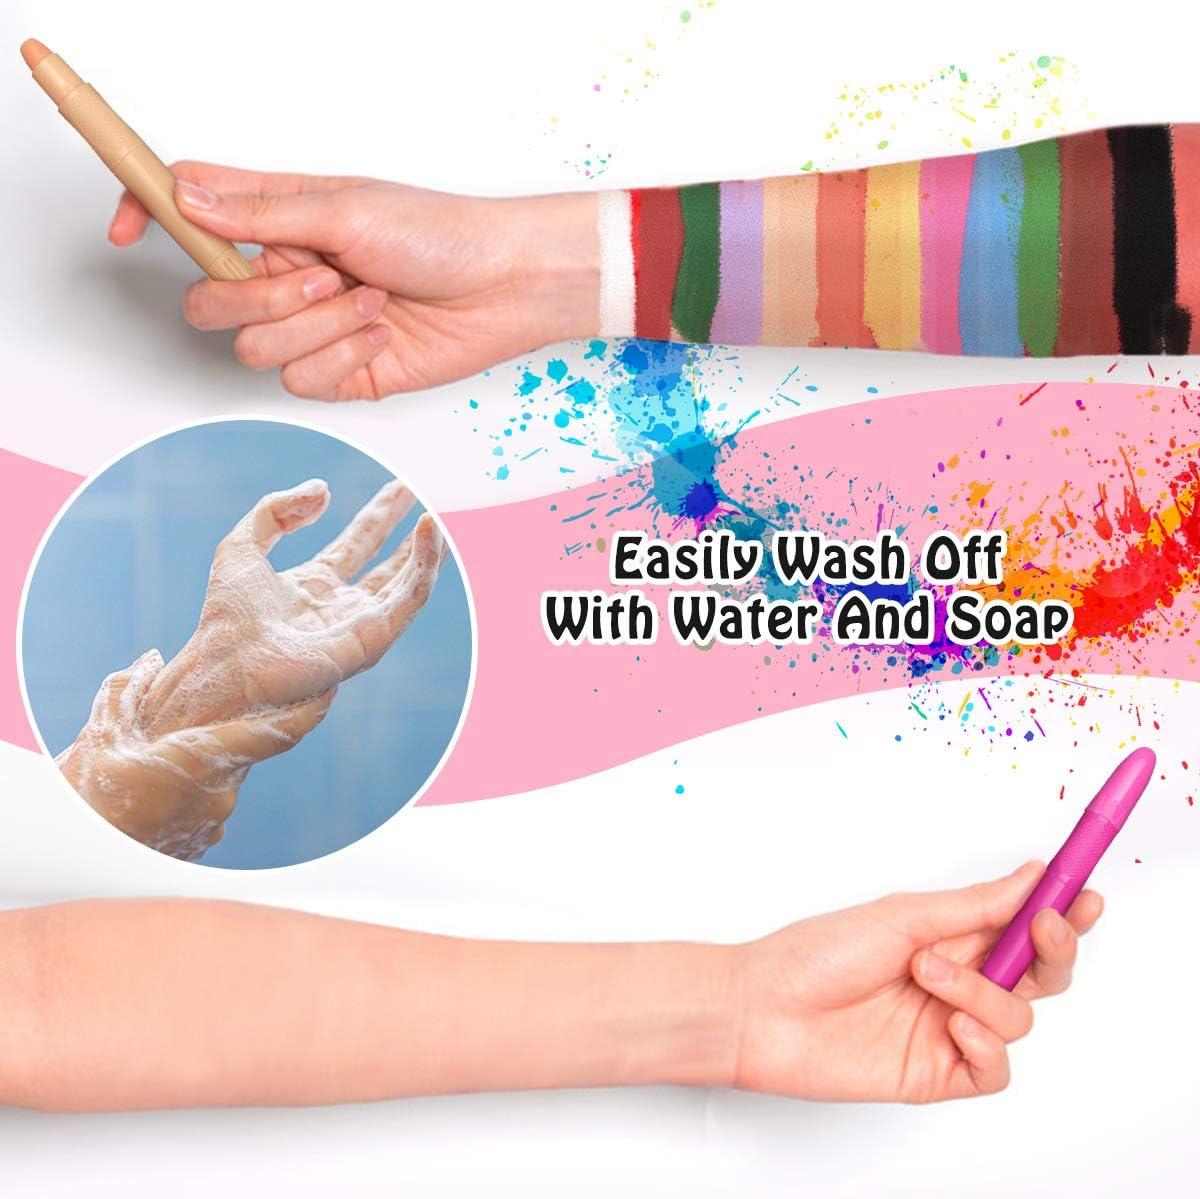 JackCubeDesign cuir acrylique maquillage pinceau cosm/étique rouge /à l/èvres crayon stylo titulaire organisateur bo/îte de rangement avec des perles roses et 3 compartiments - Noir MK284A